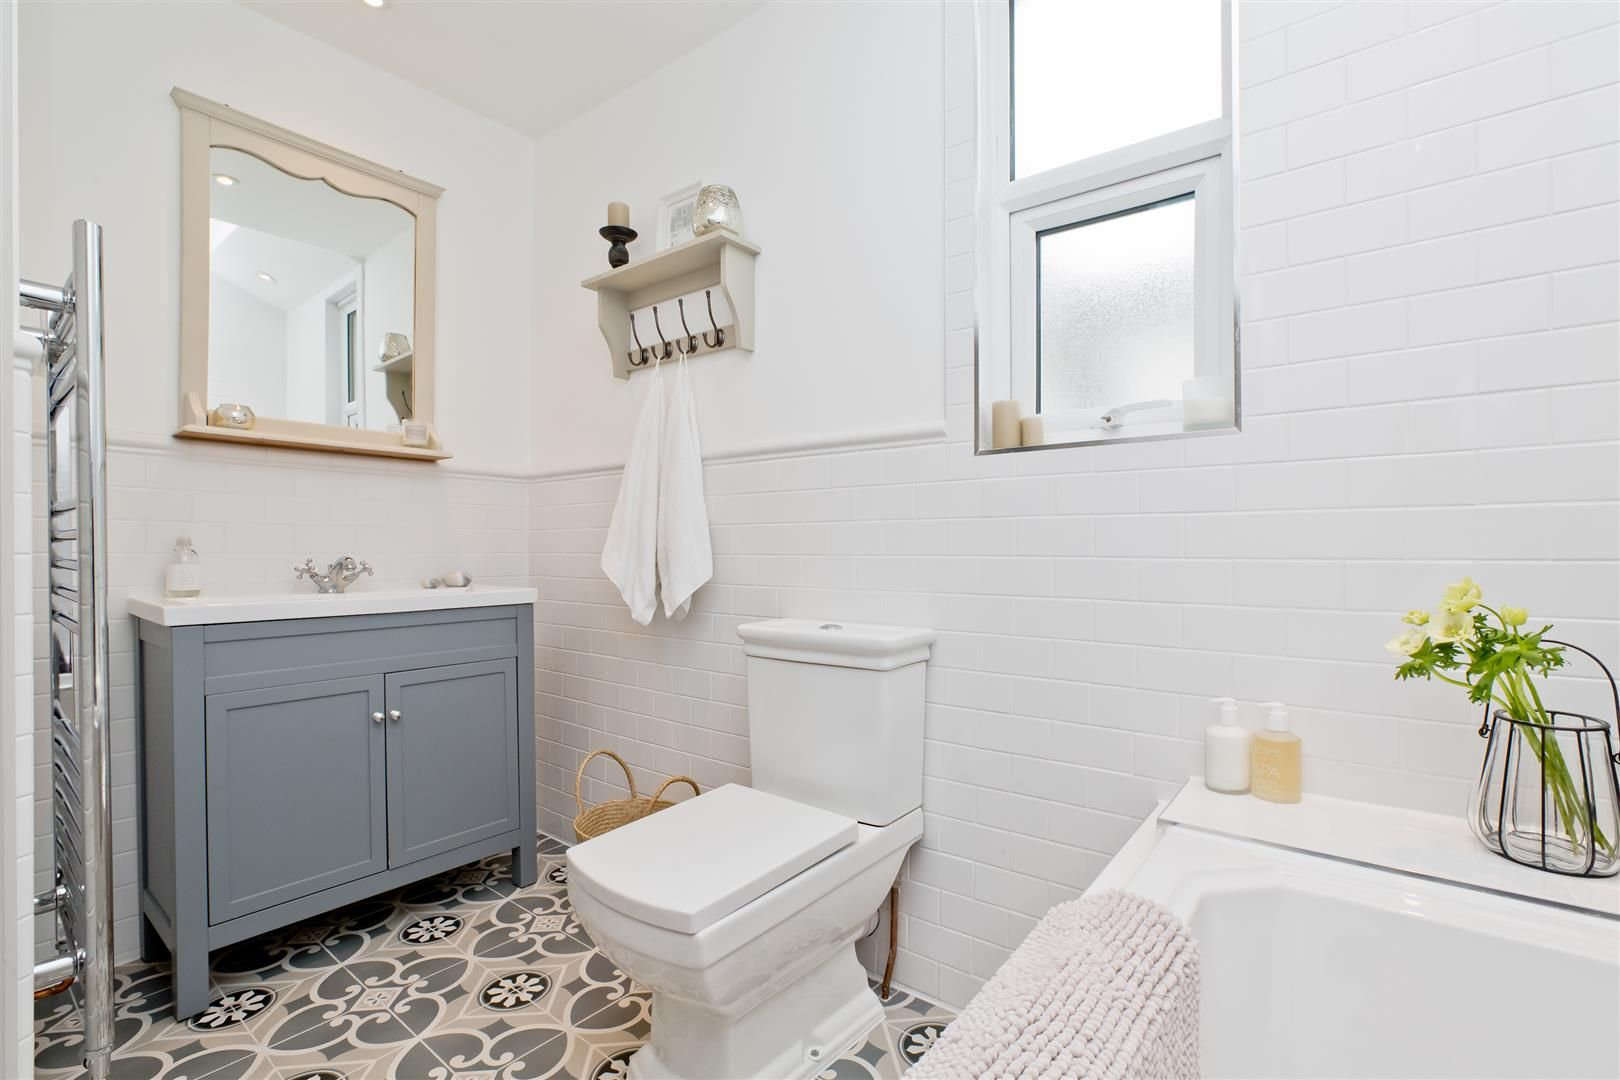 Waldegrave Road, Brighton - Foster & Co. | Bathroom ...